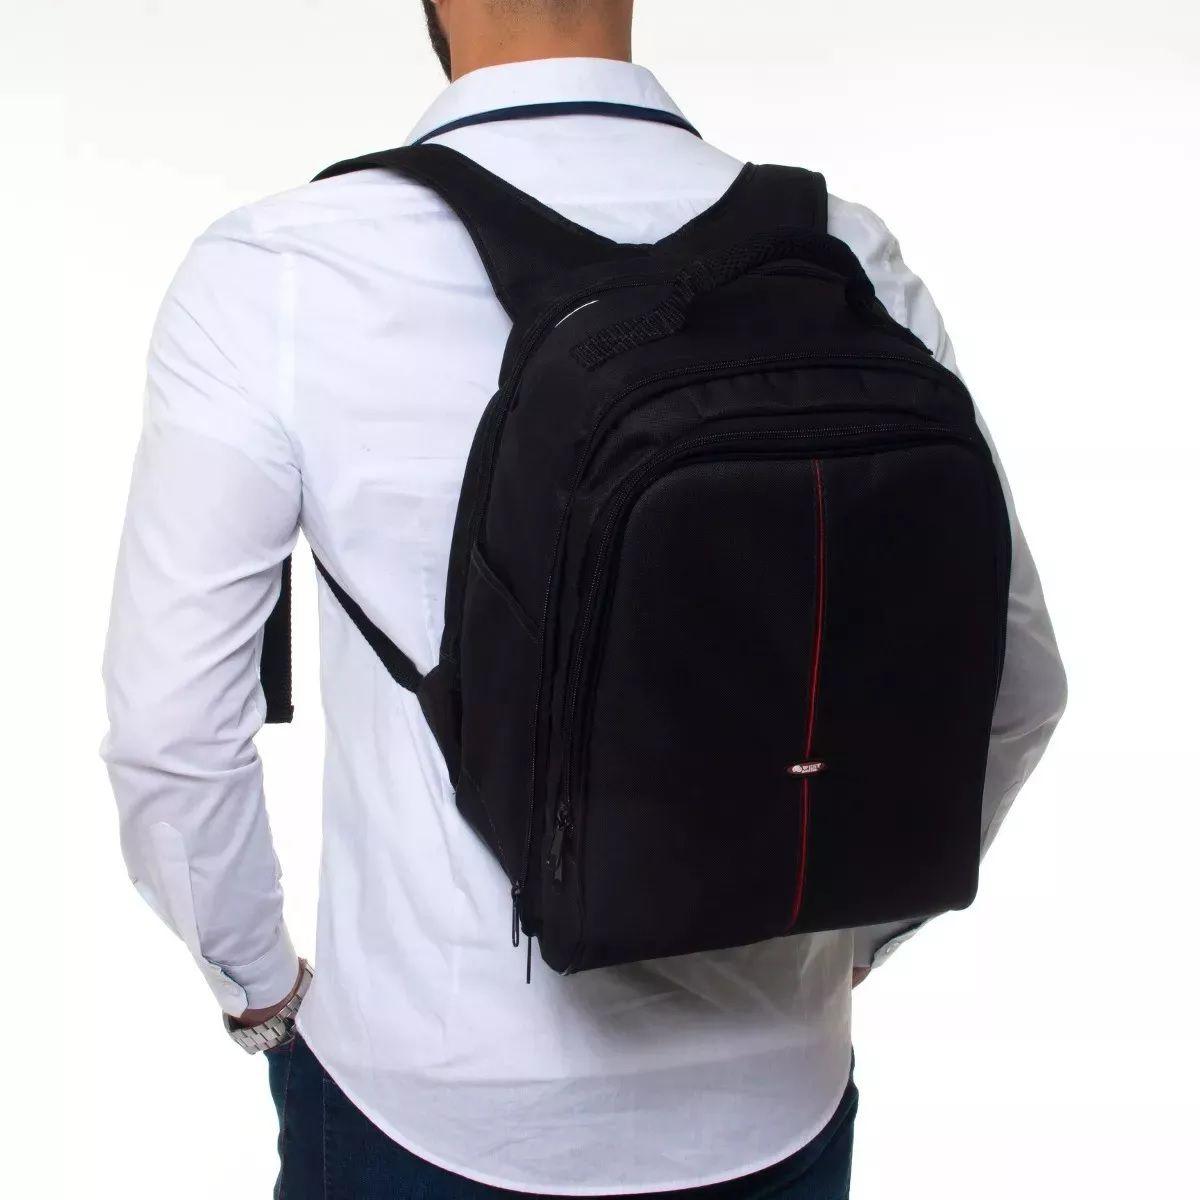 Mochila Para Câmera E Fotografia Com Compartimento Para Notebook  Até 14 polegadas Com Suporte Tripé - Vmb II